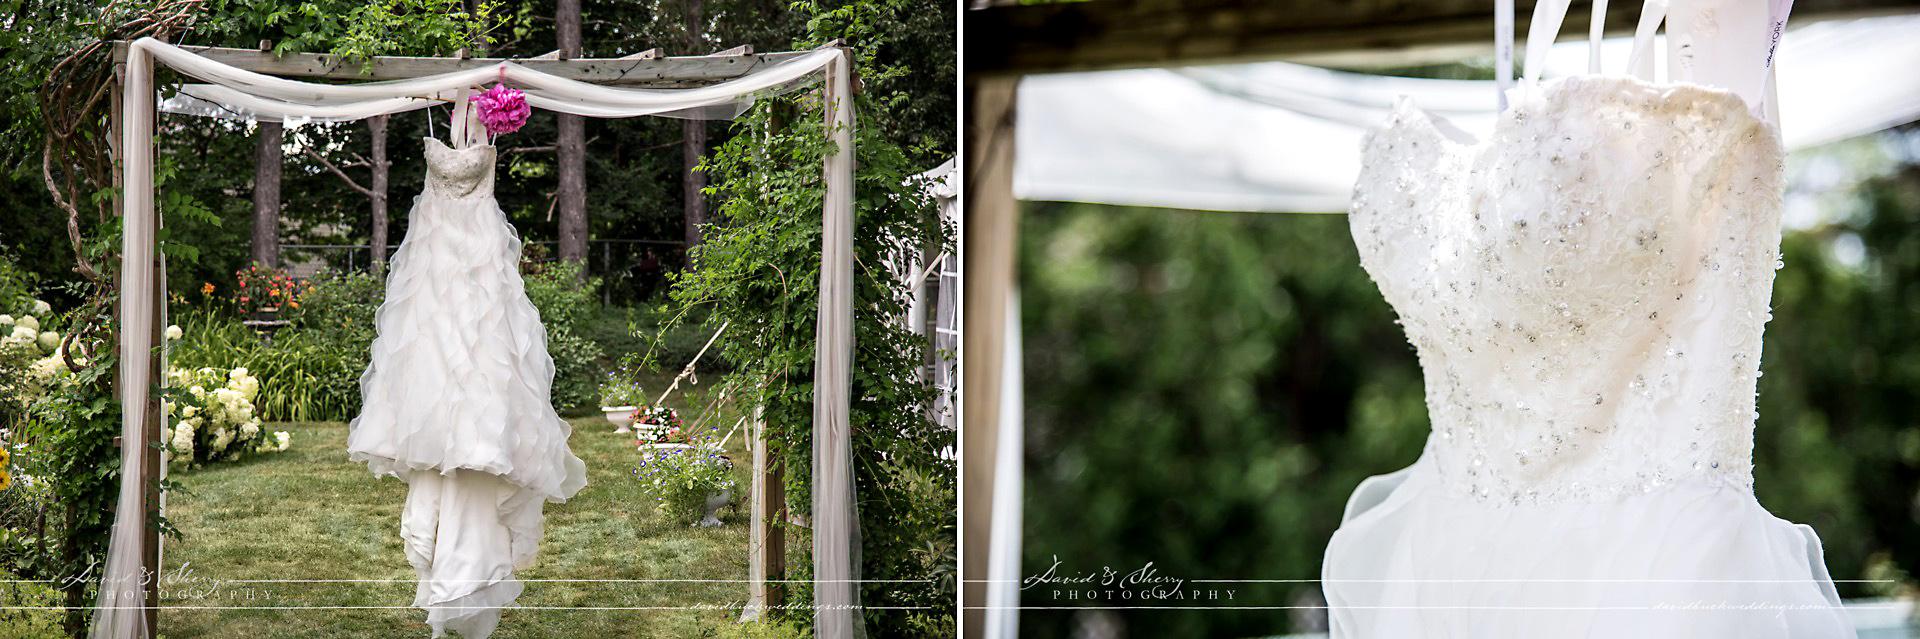 Cambridge_Waterloo_Wedding_Photography_03